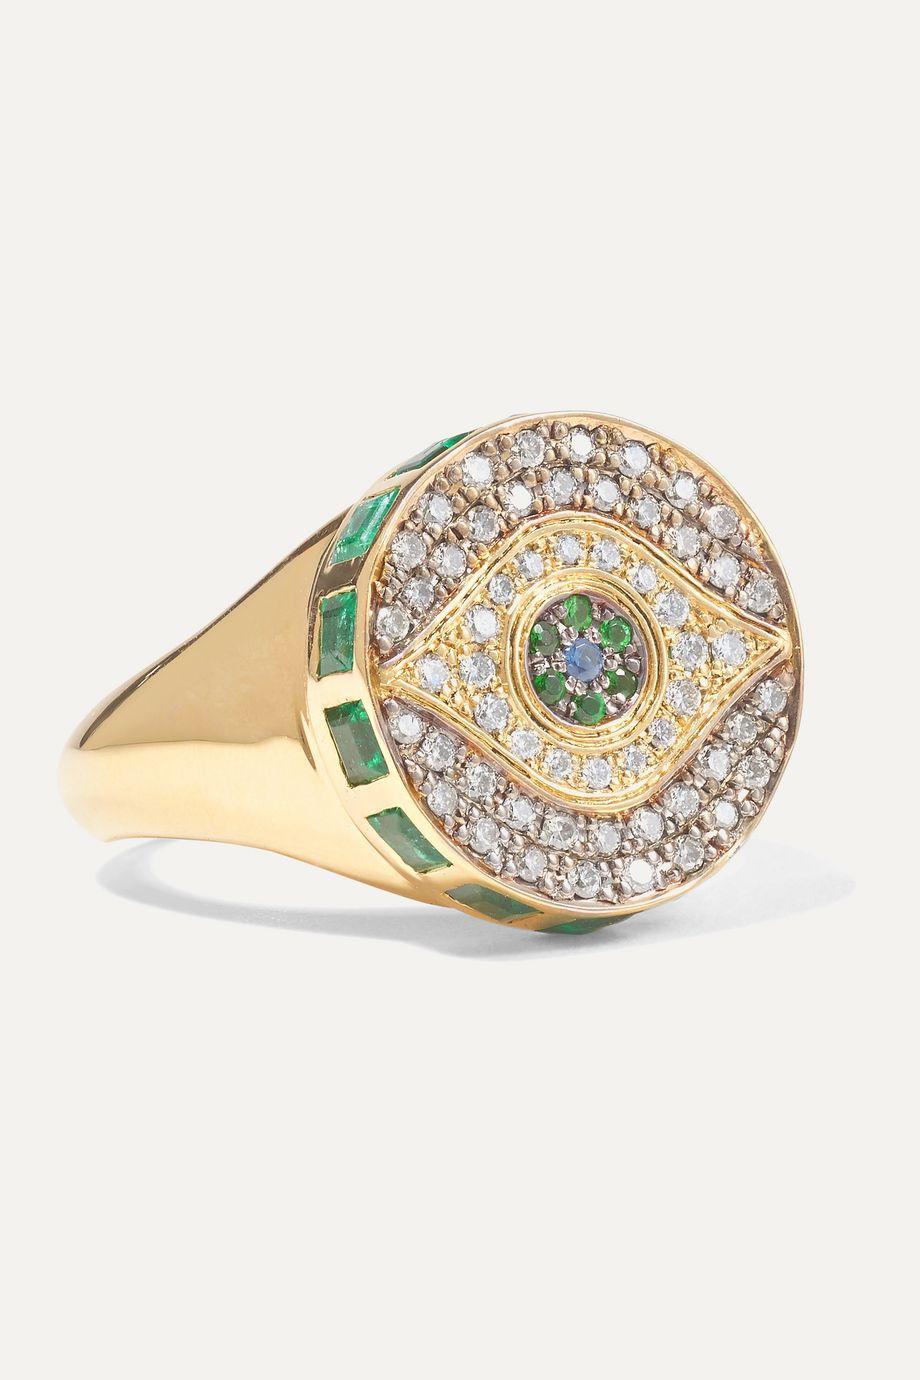 Ileana Makri Bague en or 18 carats et pierres multiples Dawn Candy Chevalier